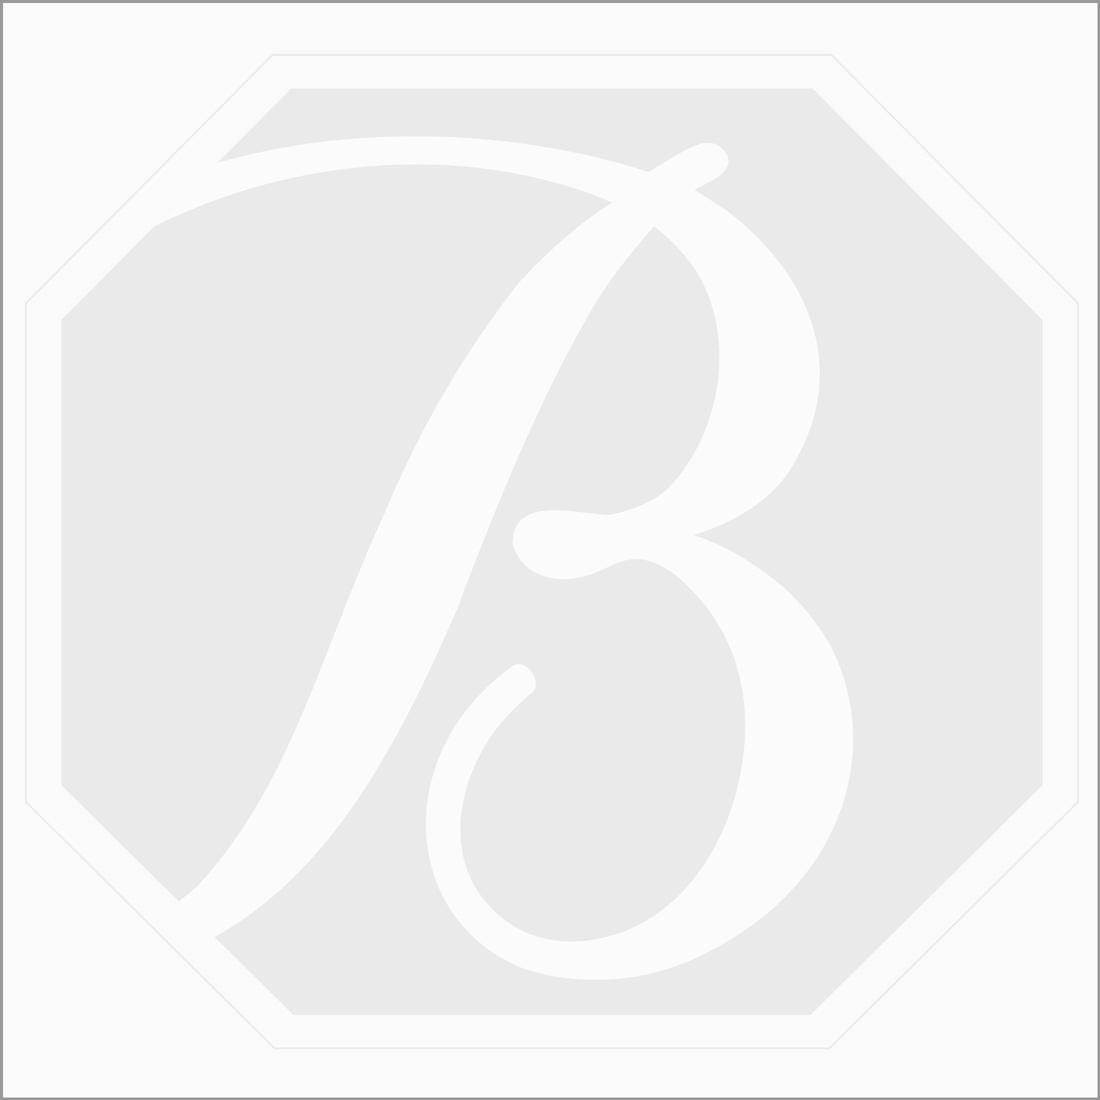 Multi Sapphire Briolettes - 1 Line - 107.00 carats - 15.5 inches - (MSDF1002)